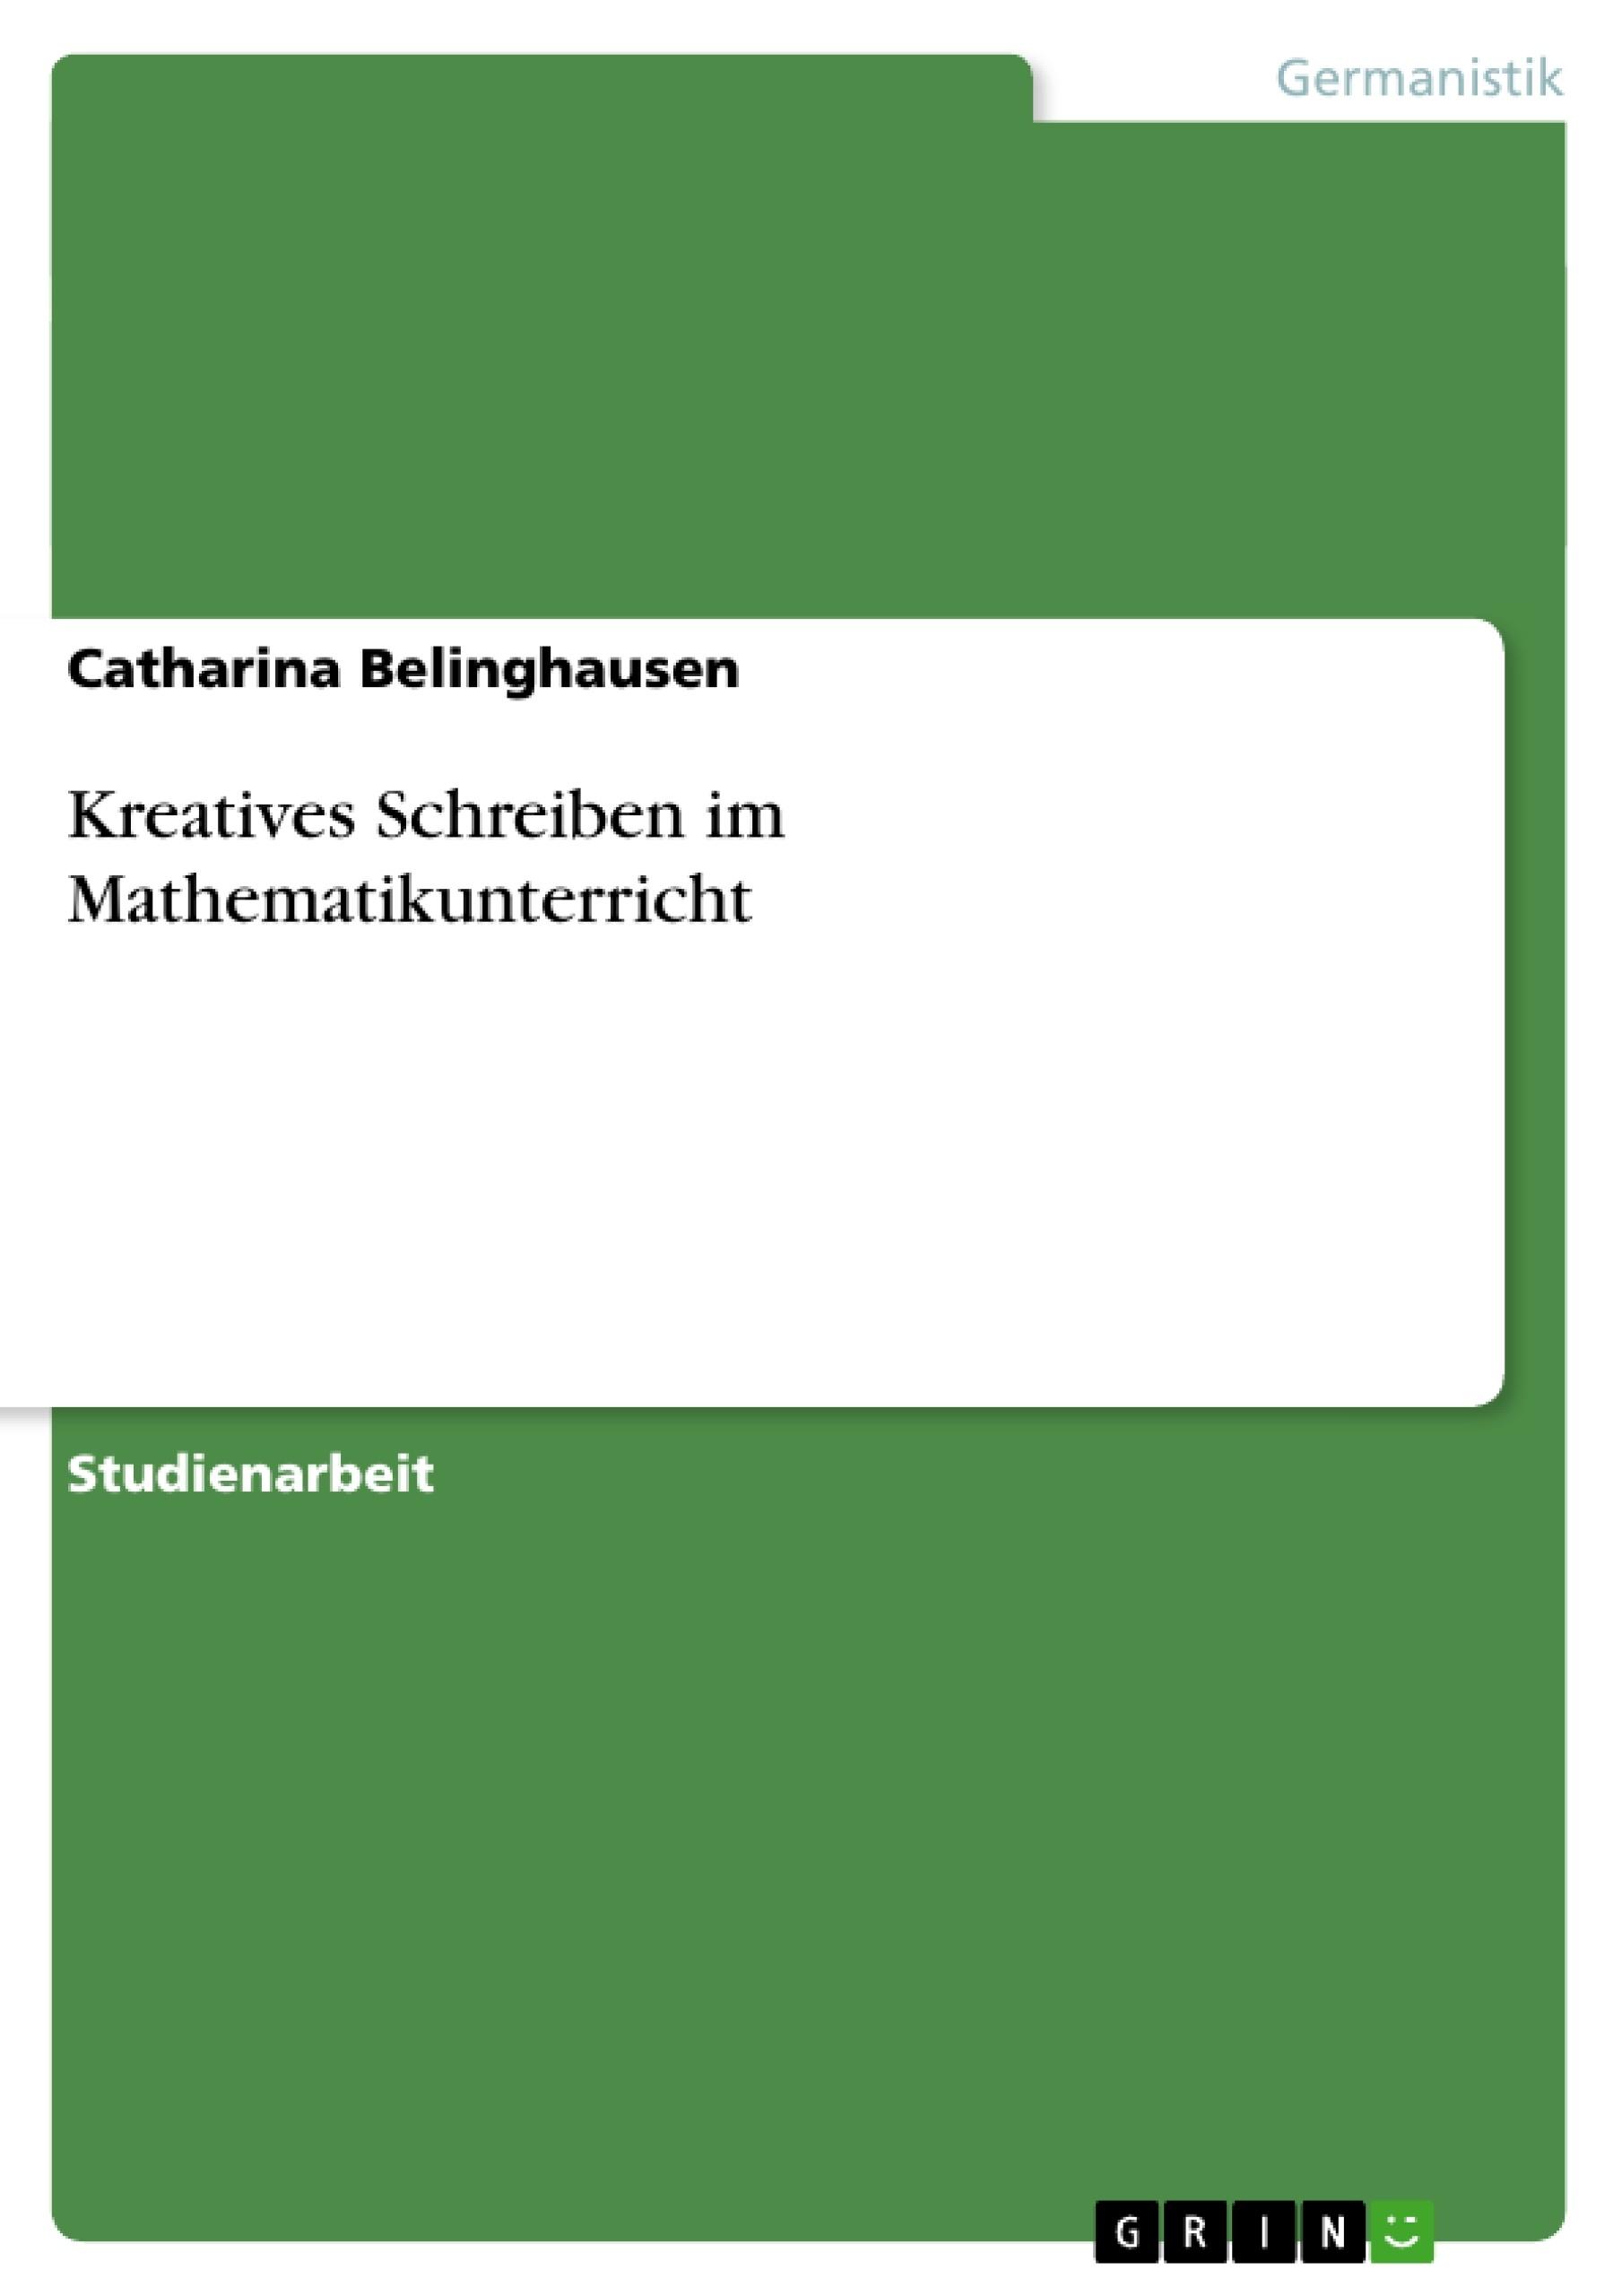 Titel: Kreatives Schreiben im Mathematikunterricht